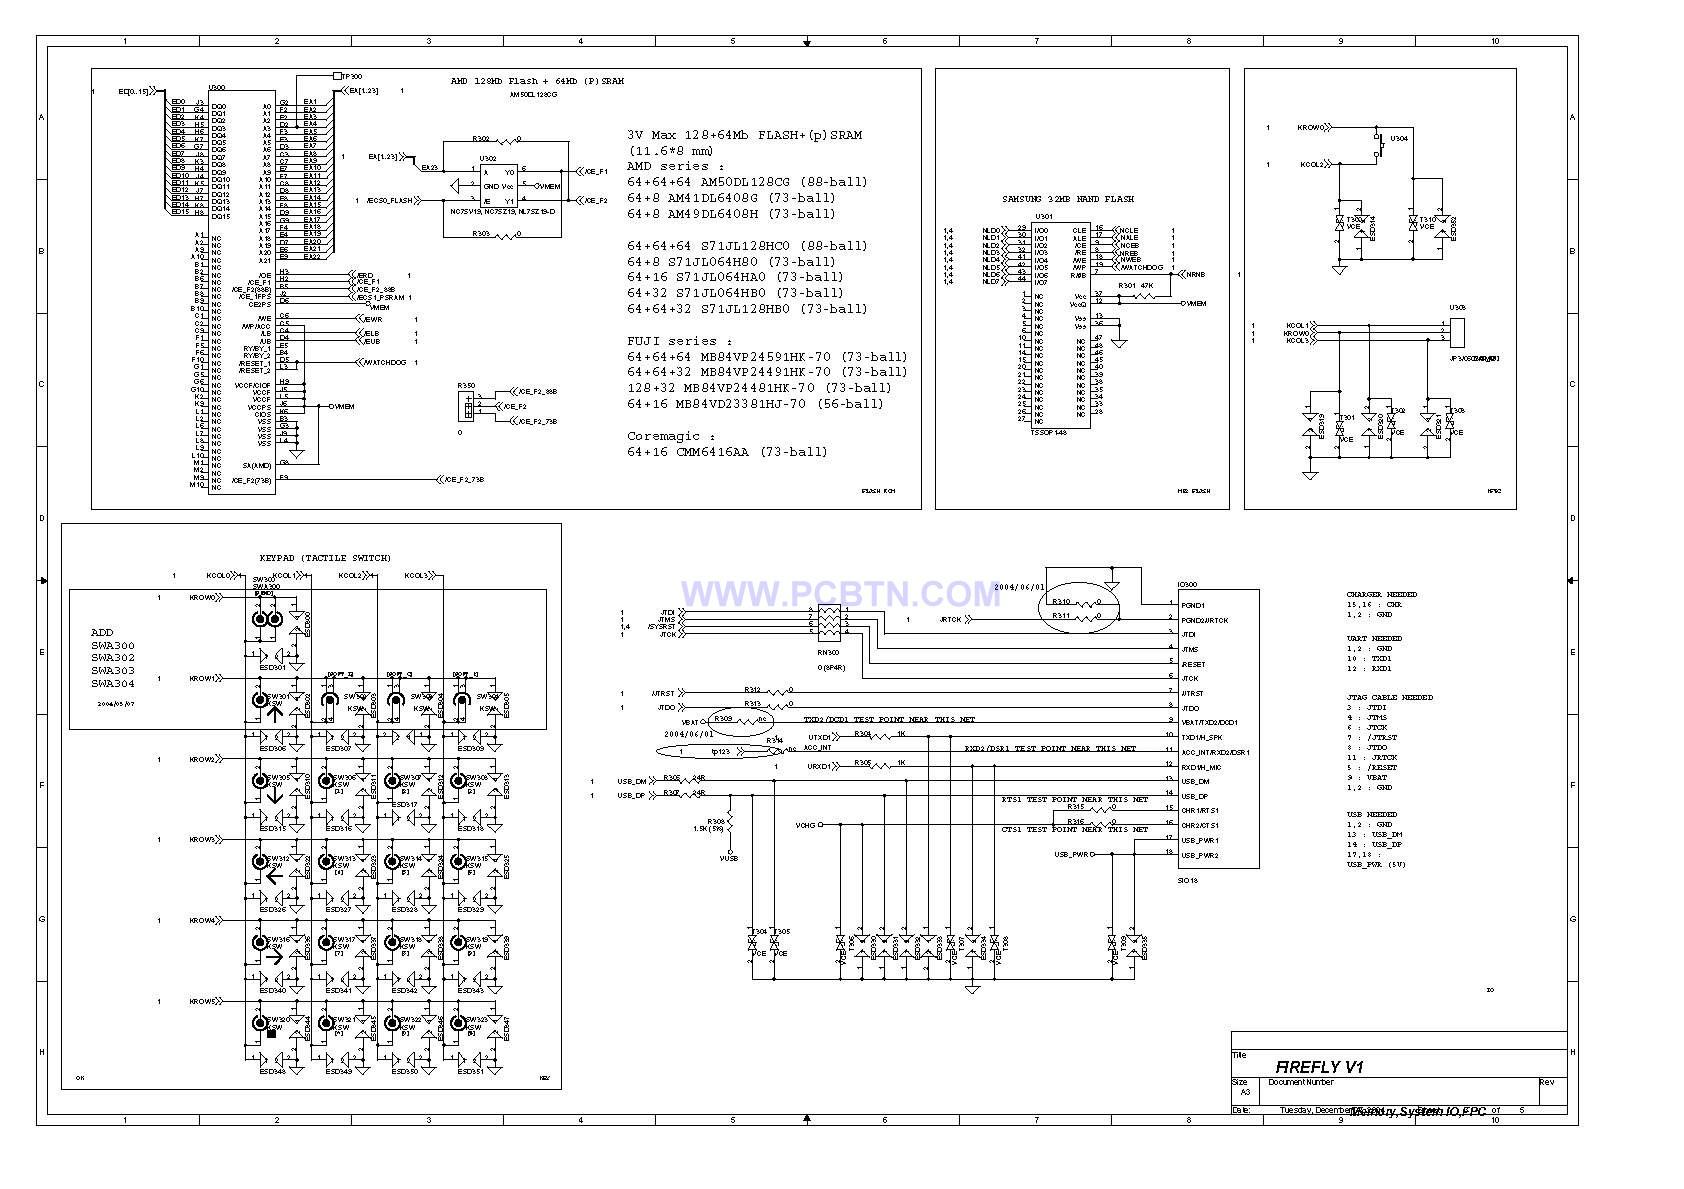 托普电路图设计top968,656[_]3